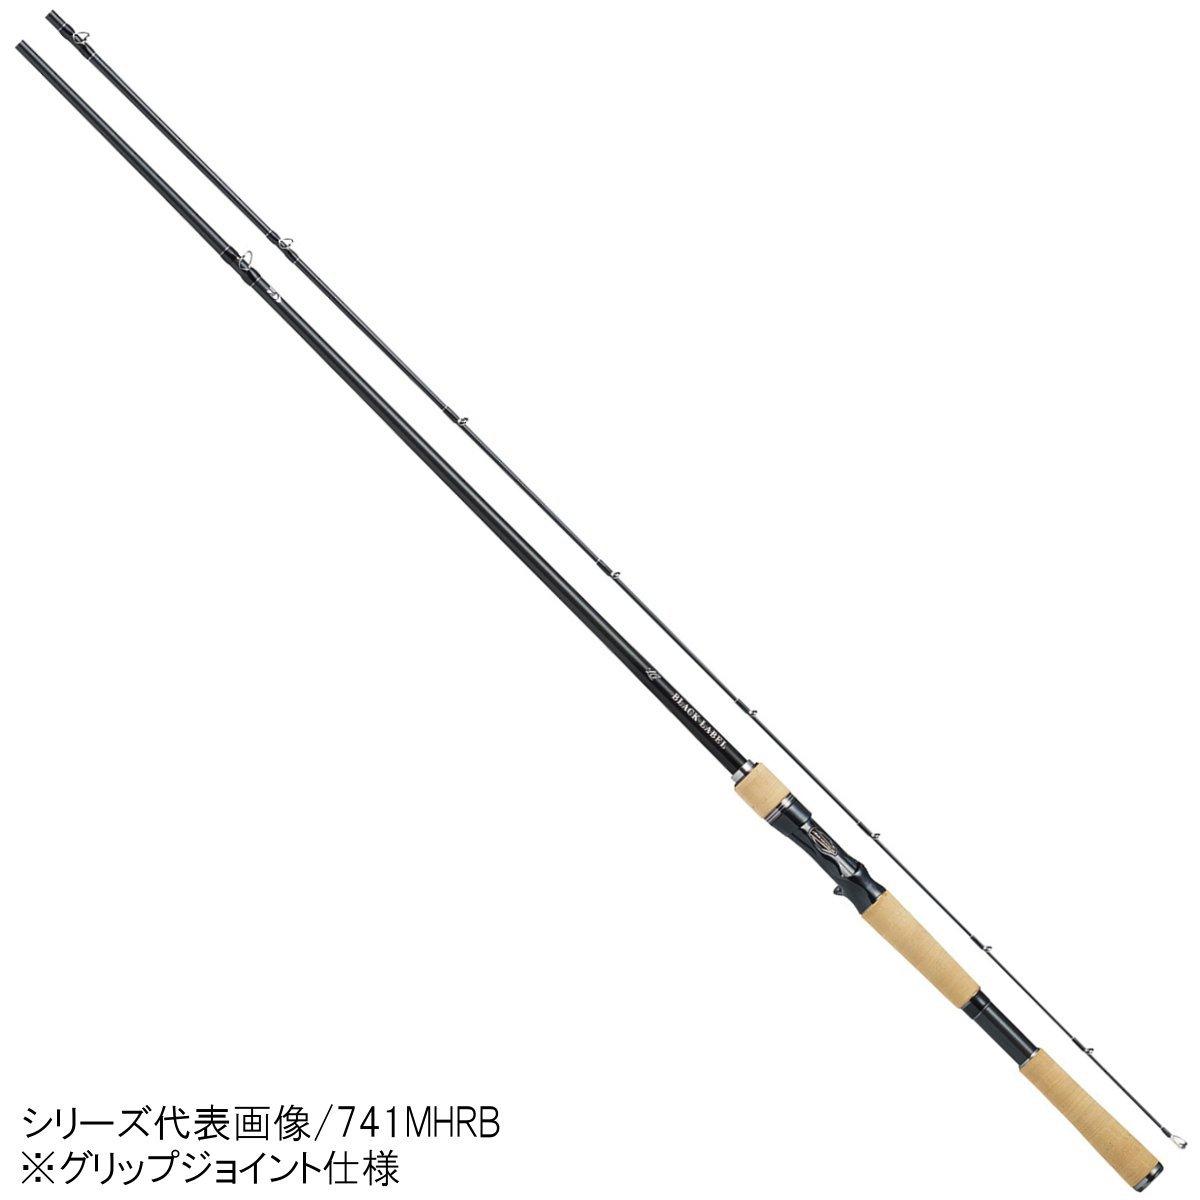 ダイワ ブラックレーベル LG(ベイトキャスティングモデル) 631MLFB【大型商品】(東日本店)